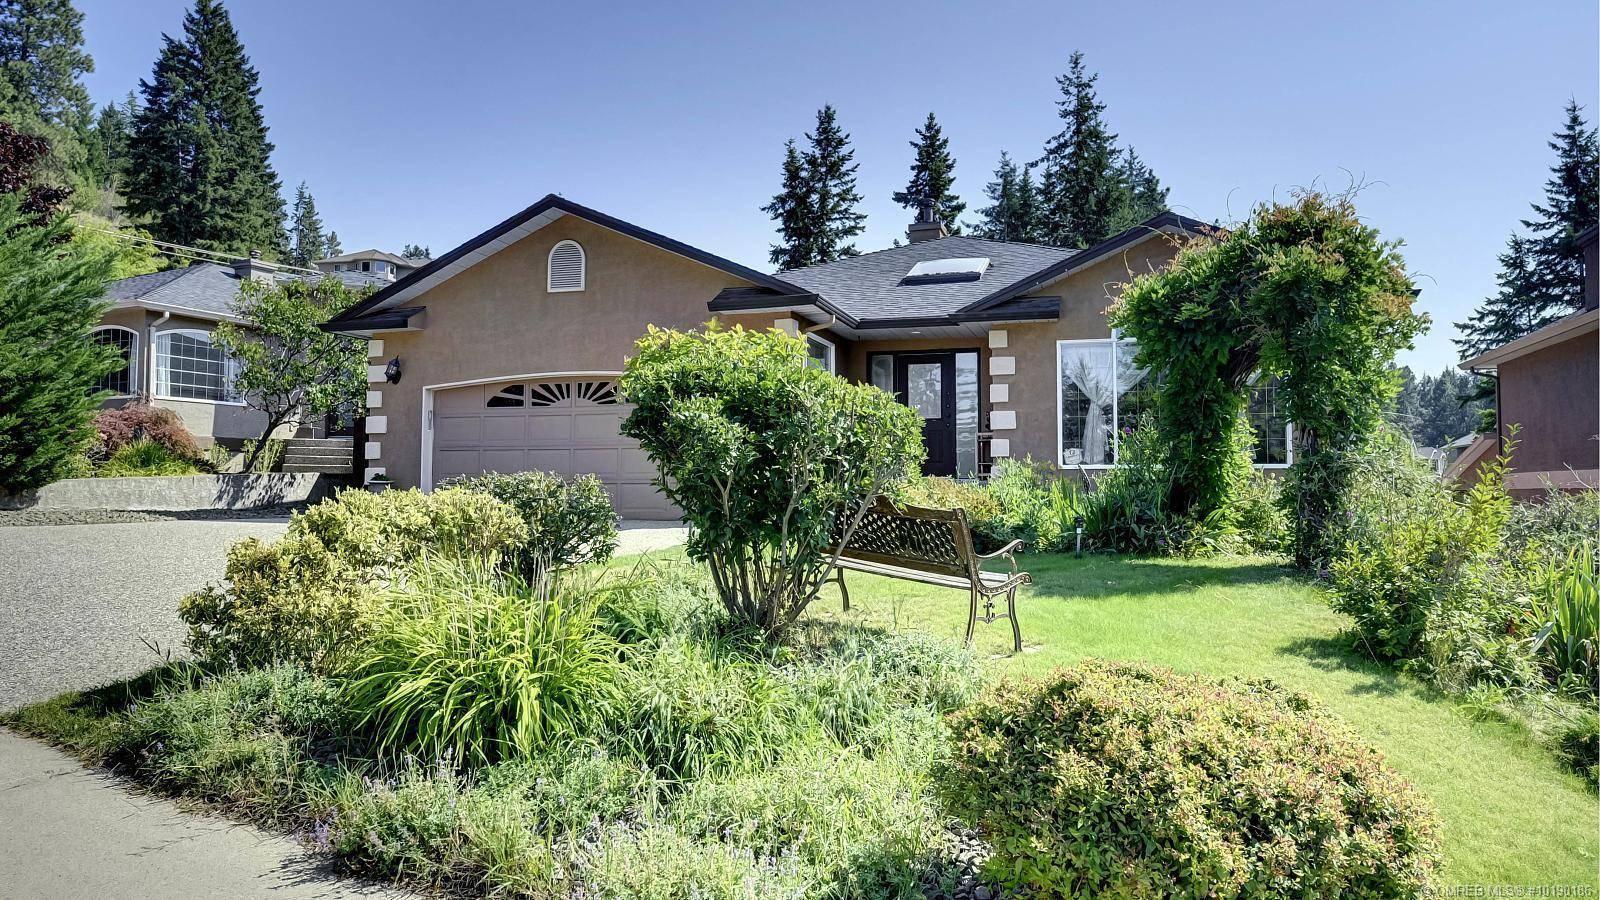 House for sale at 145 Magic Dr Kelowna British Columbia - MLS: 10190186